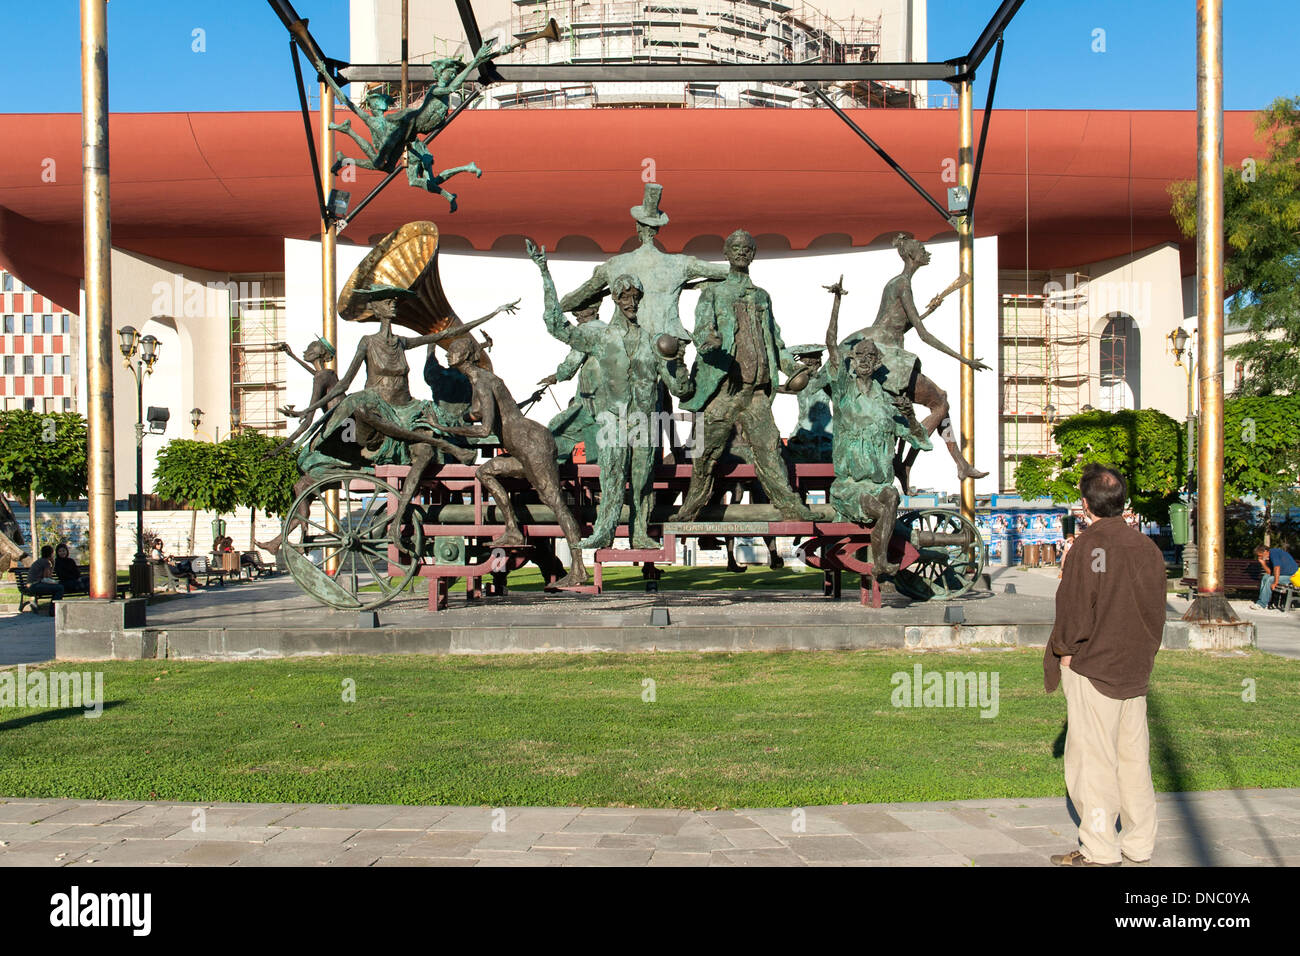 La Cu Caruta Paiate scultura in Bucarest, la capitale della Romania. Immagini Stock